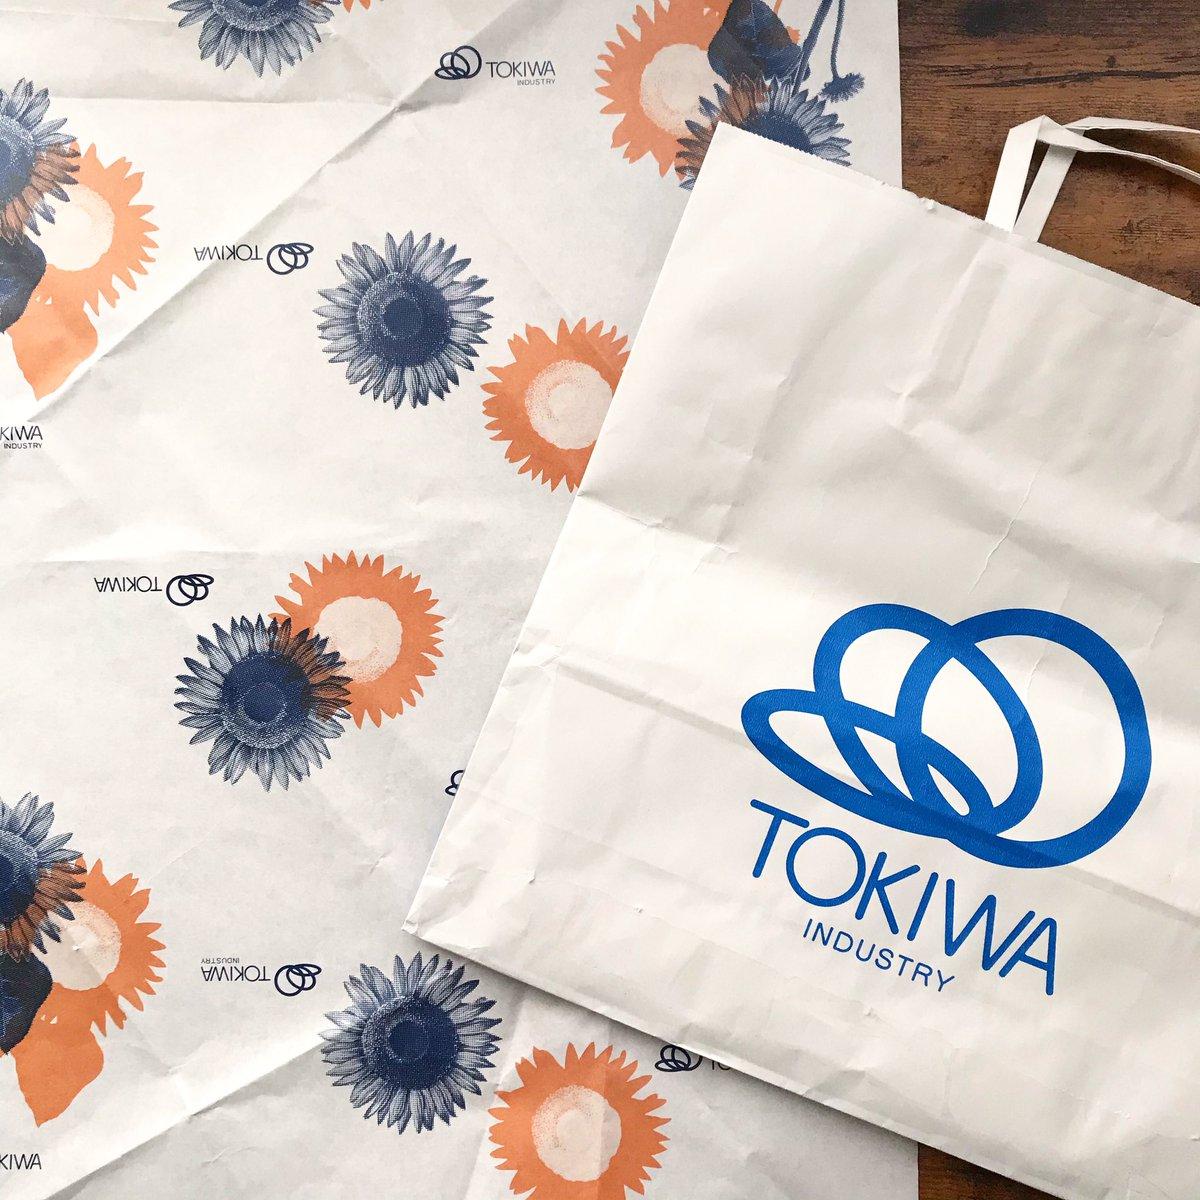 test ツイッターメディア - 友人からのおくりものの中に、大分の百貨店「トキハ」の包装紙が🌻 中を開けたら大分銘菓ざびえる!この箱がベルベット調でまたかっこいいんだわ〜。 https://t.co/vpNvwKSJXU